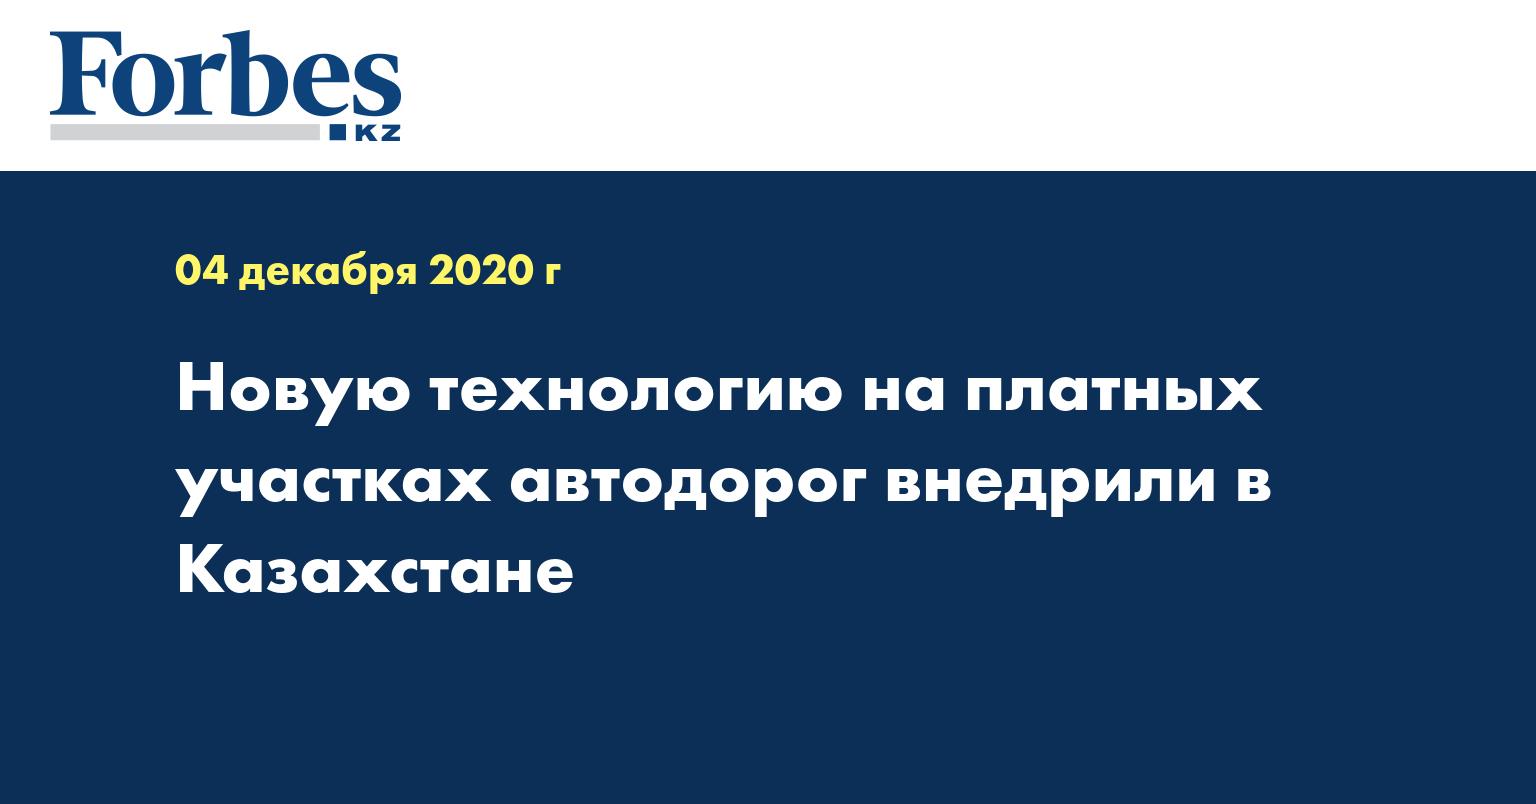 Новую технологию на платных участках автодорог внедрили в Казахстане